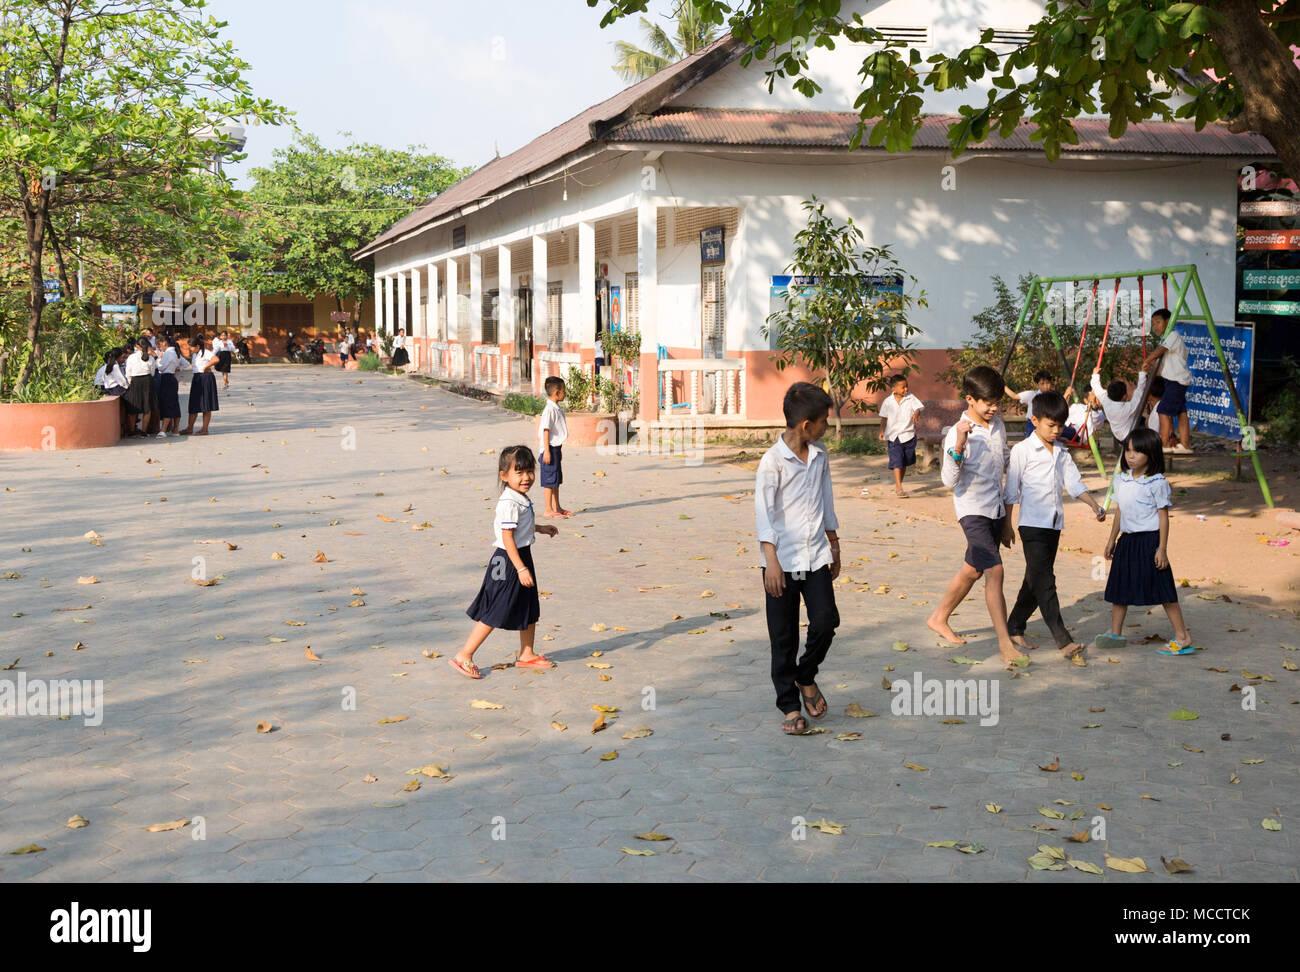 Asia scuola bambini cambogiani - i bambini della scuola elementare nella scuola parco giochi, Siem Reap, Cambogia, Asia Immagini Stock